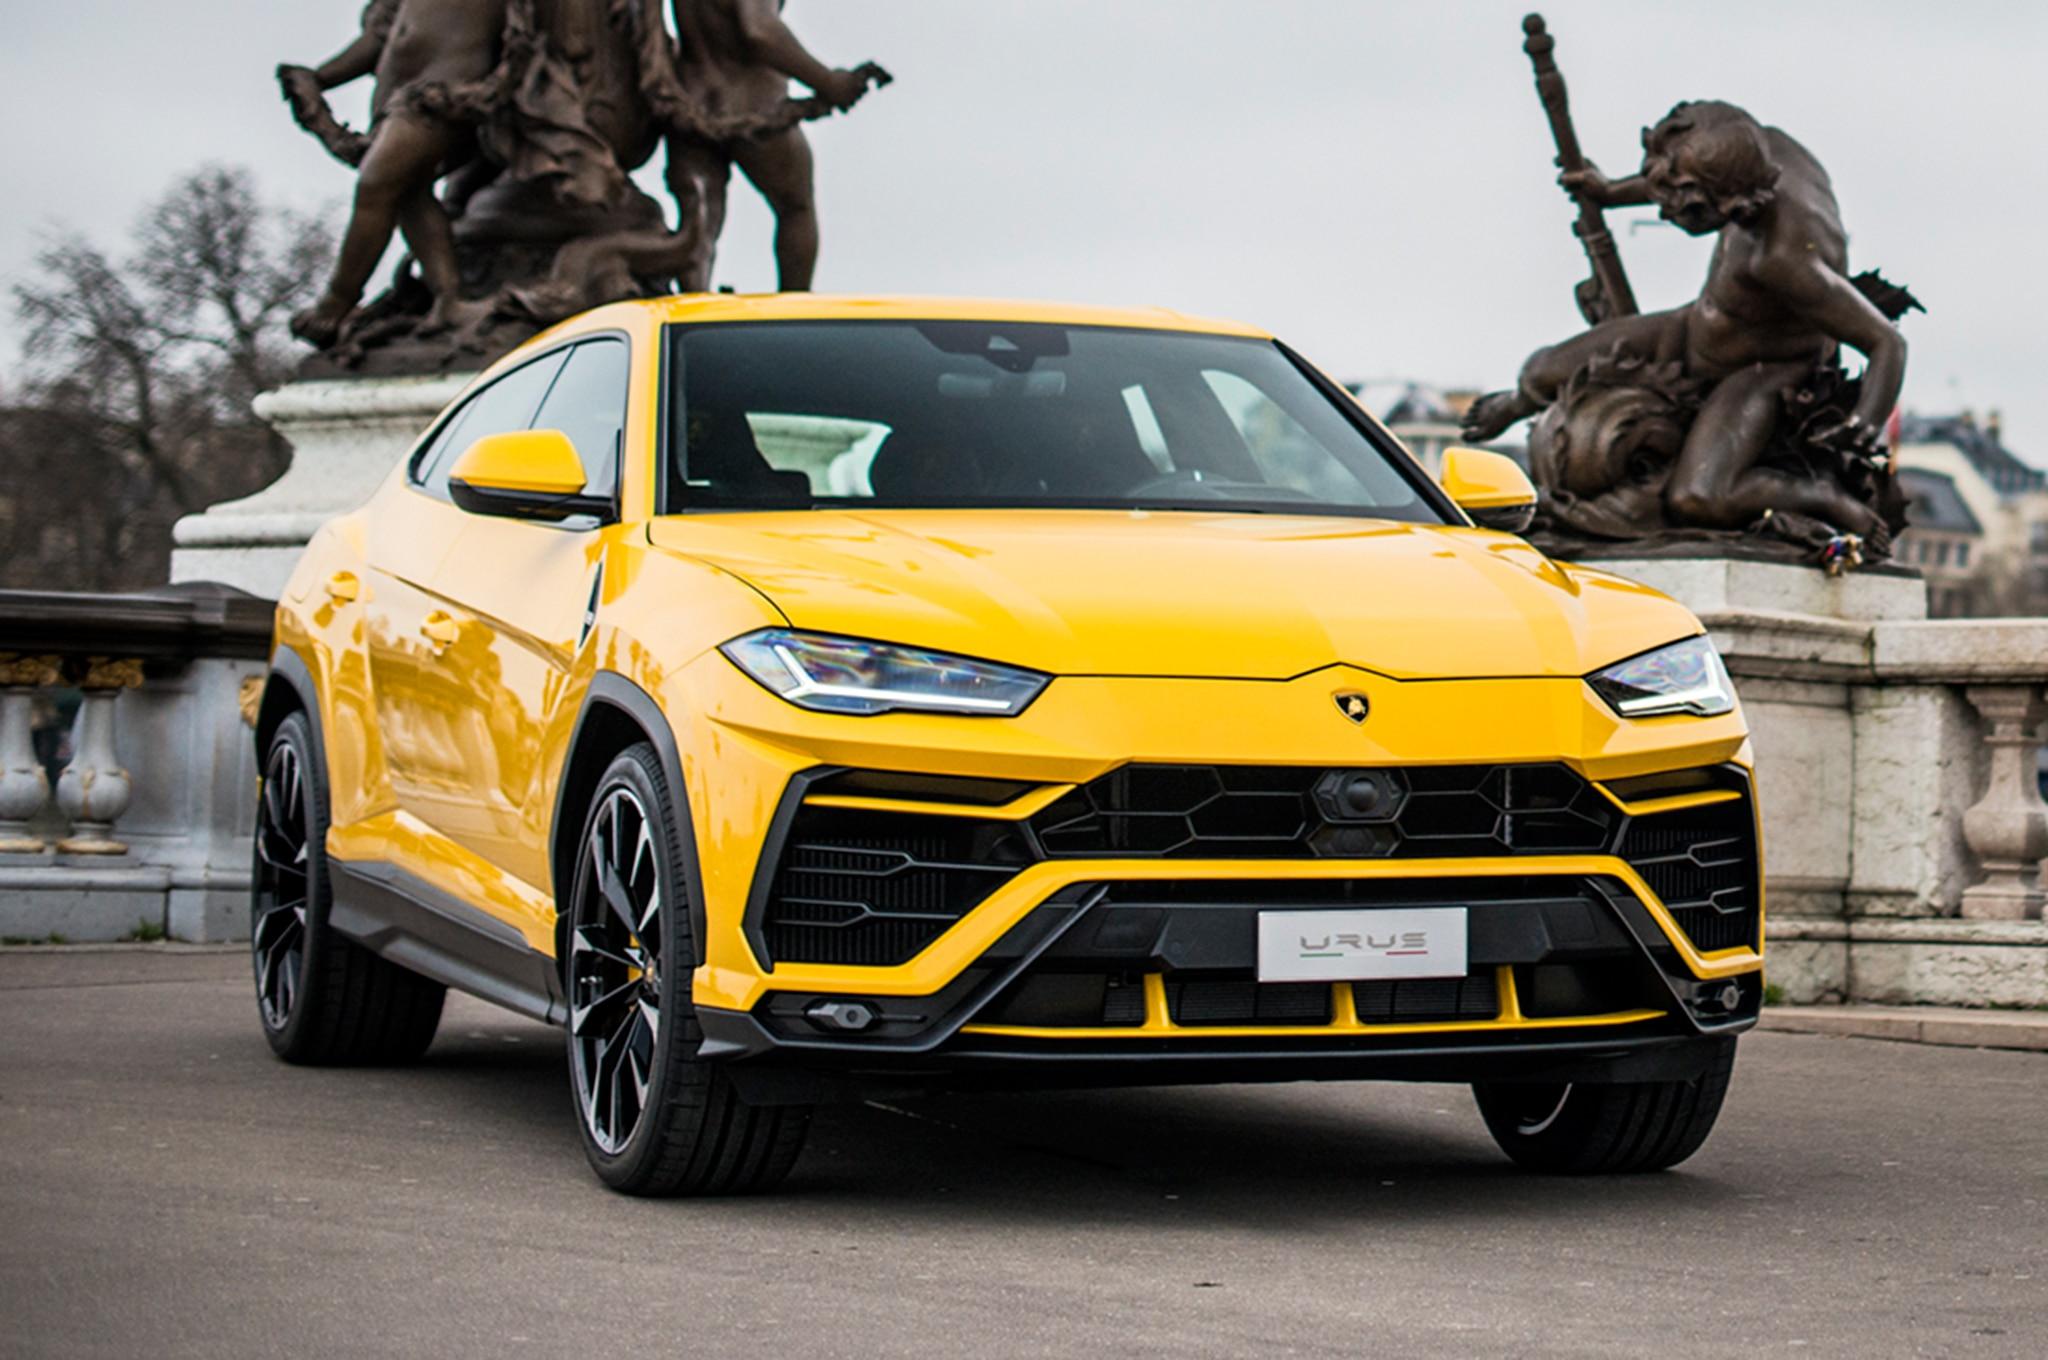 2019 Lamborghini Urus In Paris 3